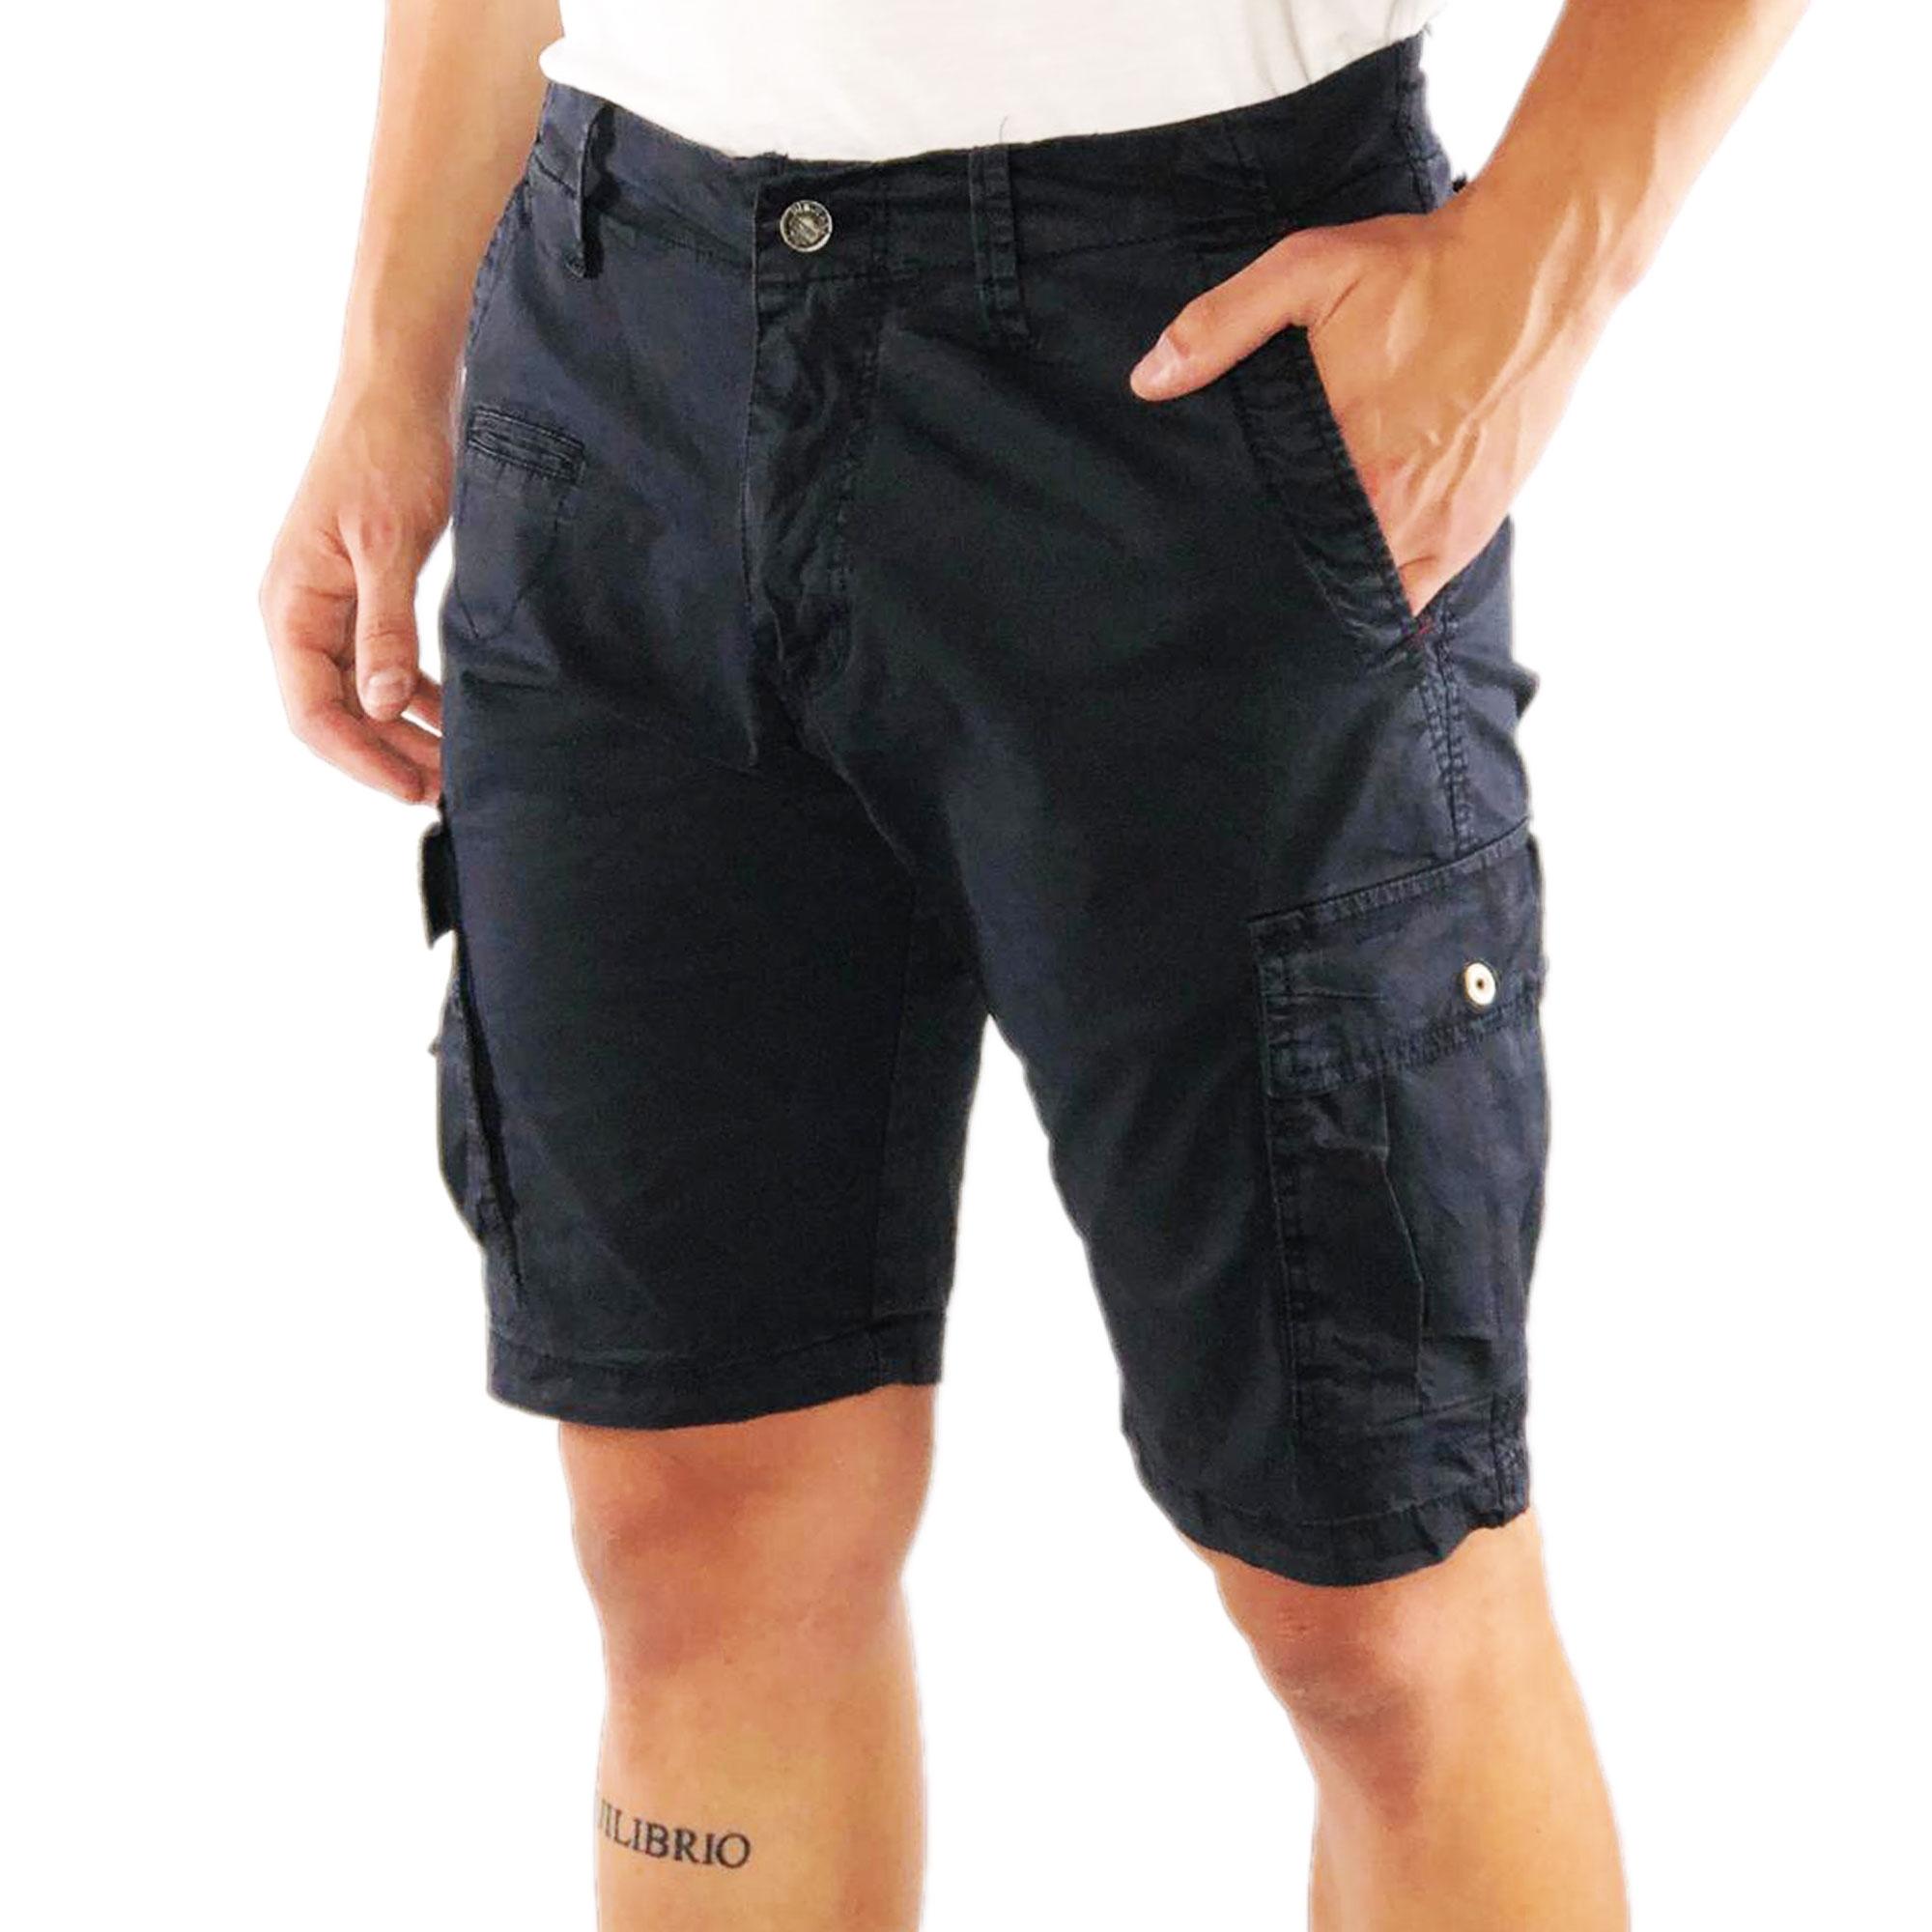 Bermuda-Uomo-Cargo-Cotone-Pantalone-Corto-Jeans-Tasconi-Laterali-Shorts-Casual miniatura 3